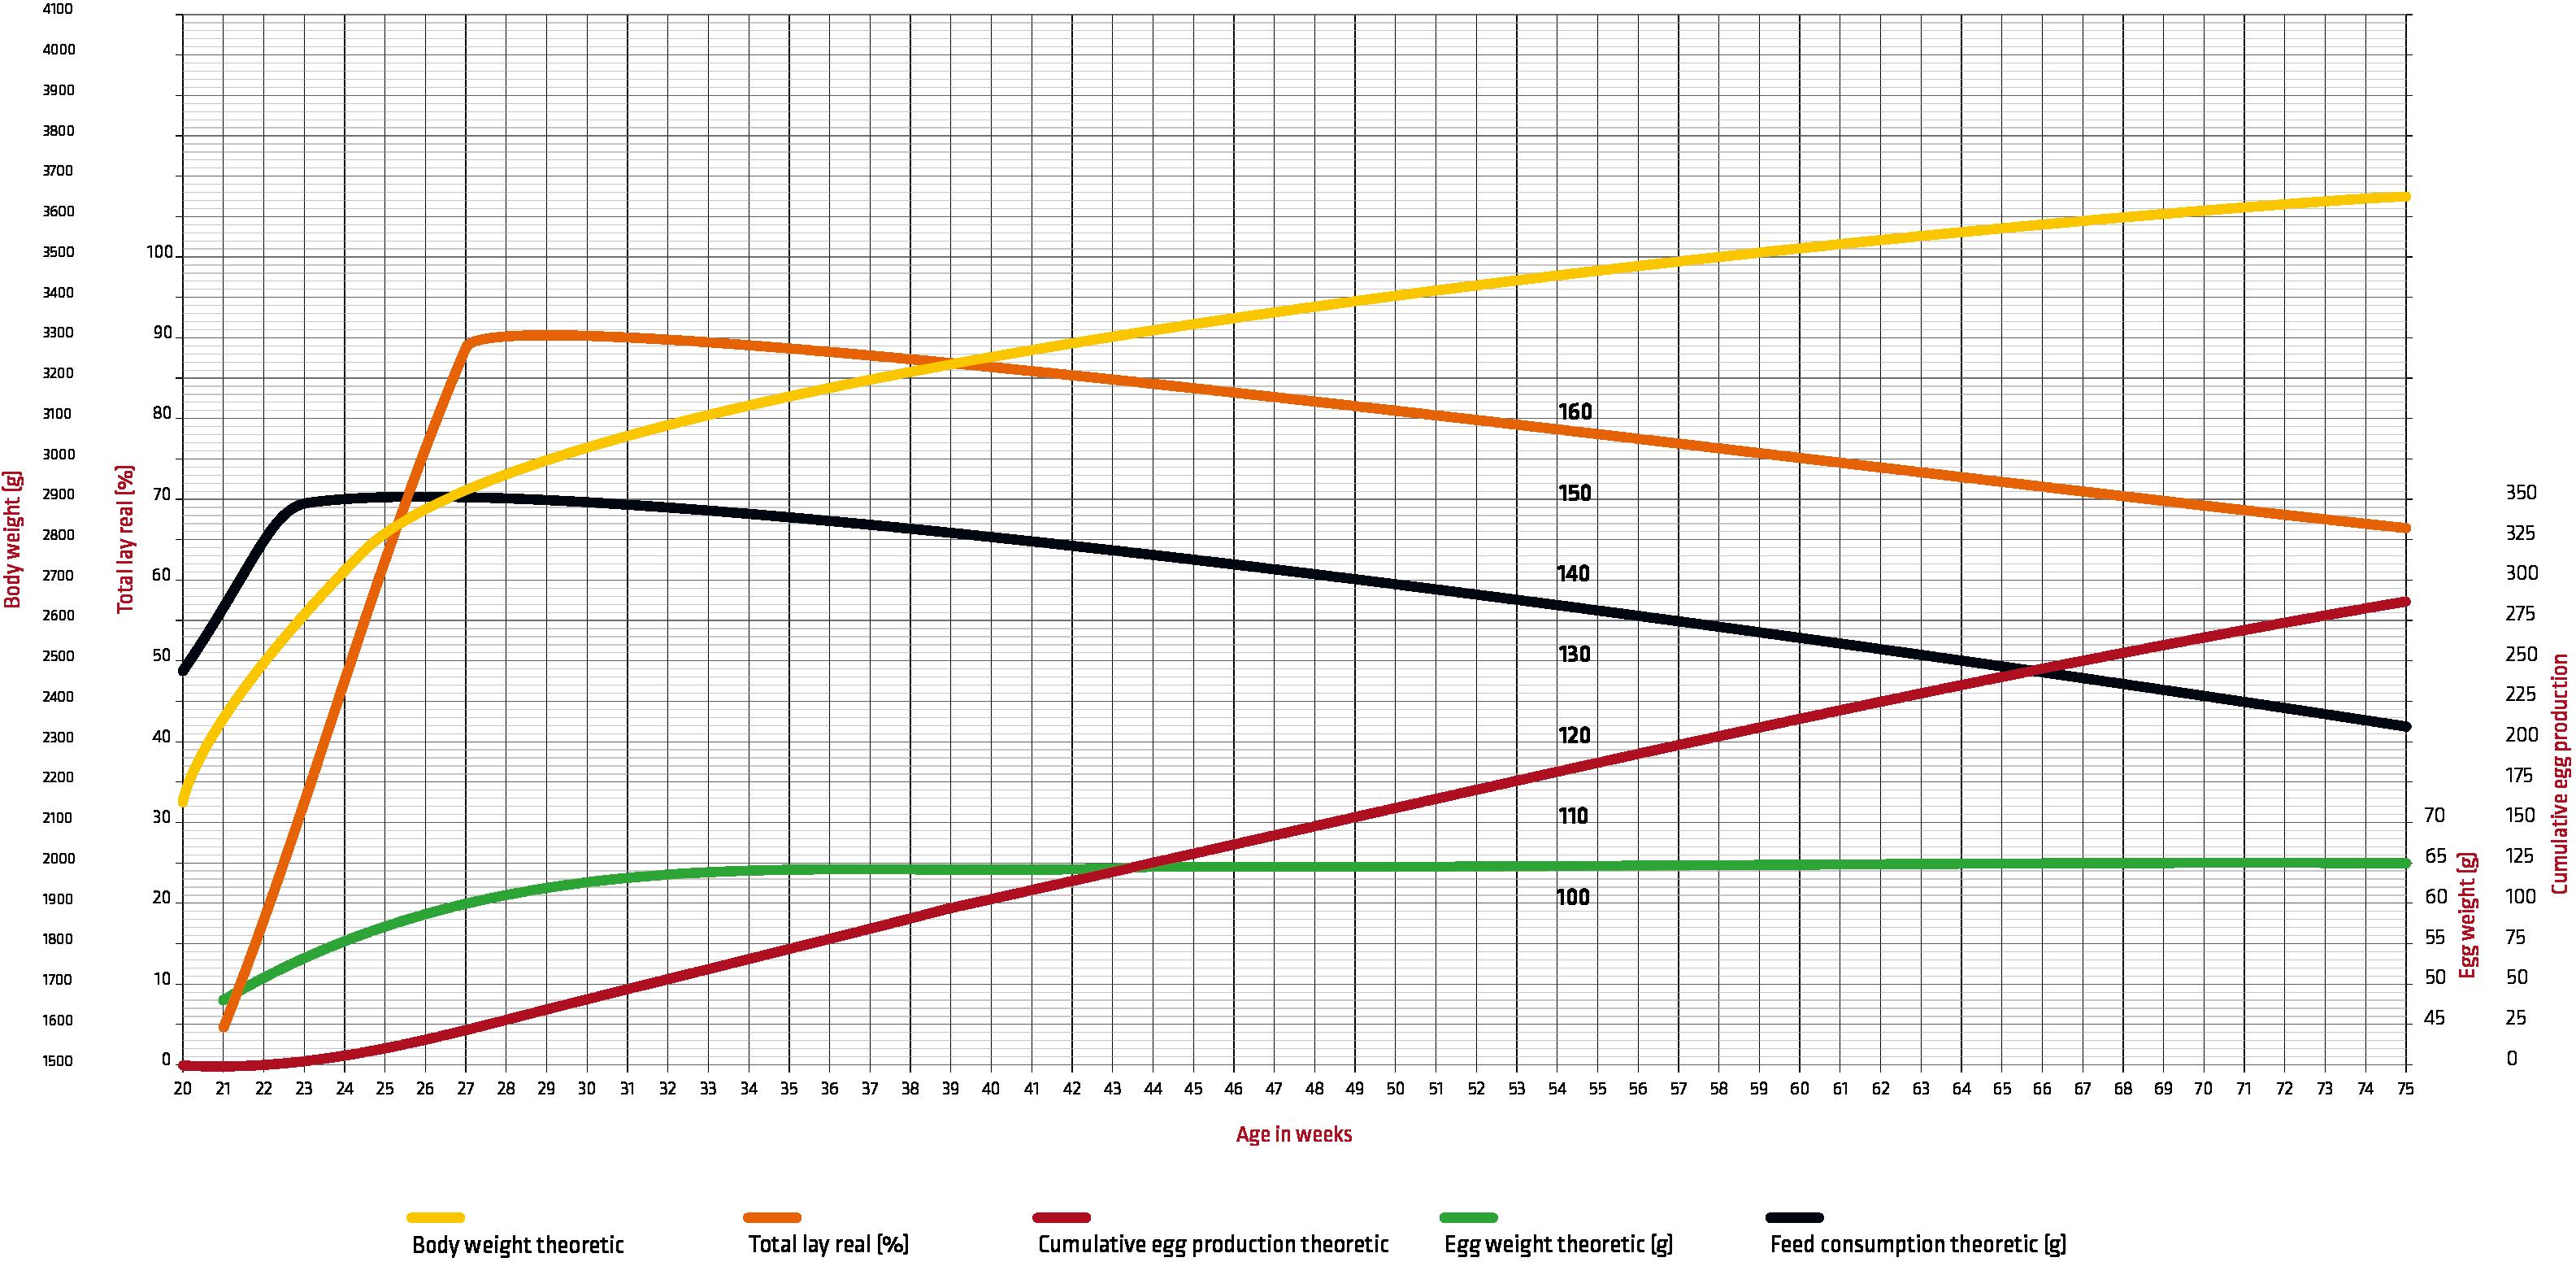 Irona_Asia_Laying chart.png